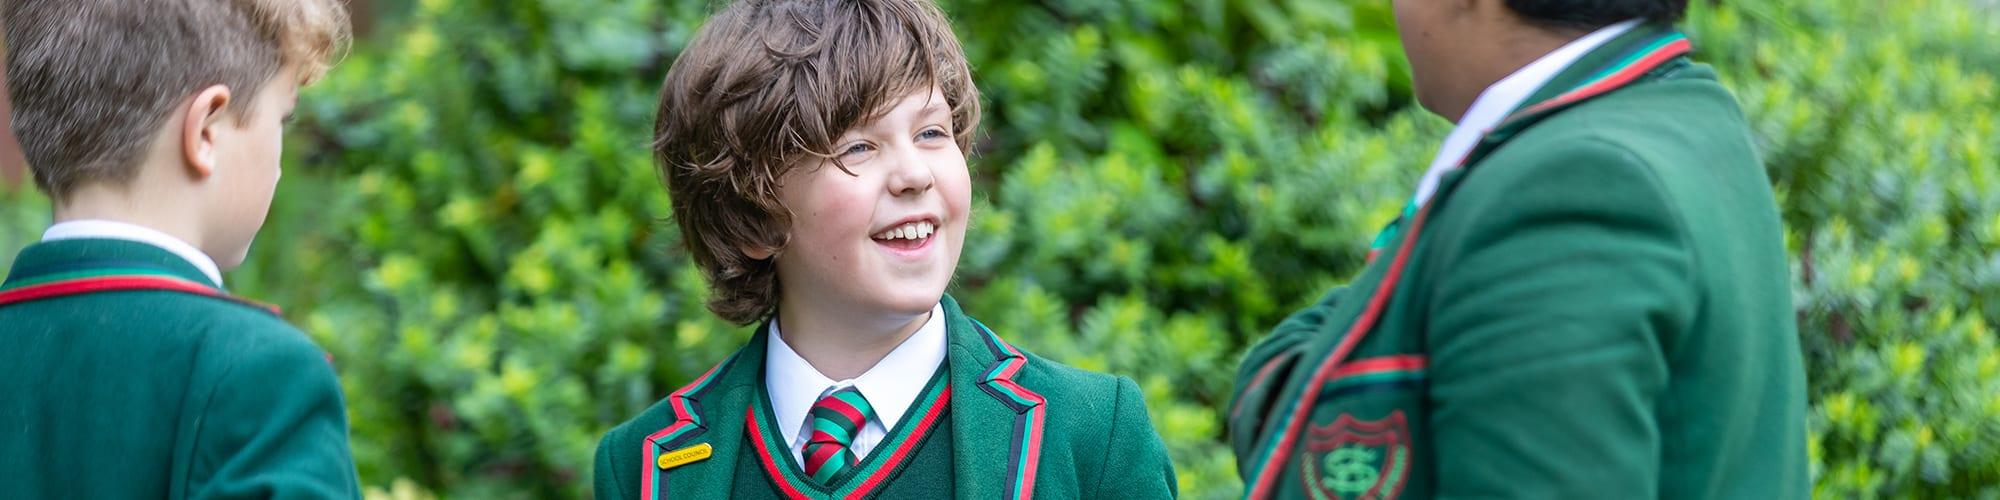 Junior School FAQs Hollygirt School